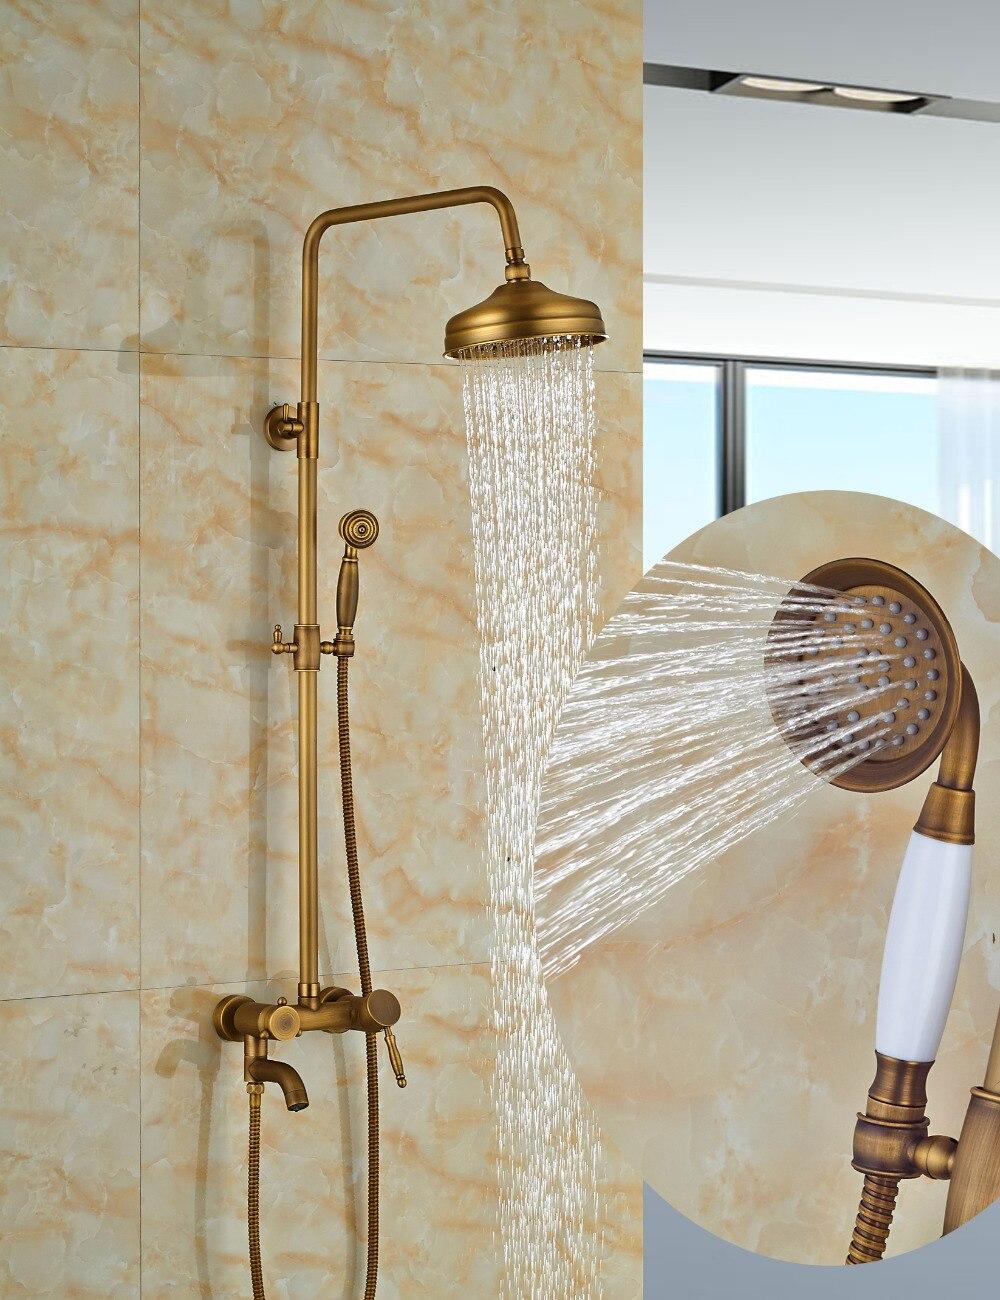 Wholesale And Retail Round Rain Shower Head Faucet Swivel Spout Tub Spout Valve Mixer Tap 8 Shower Faucet Shower Column